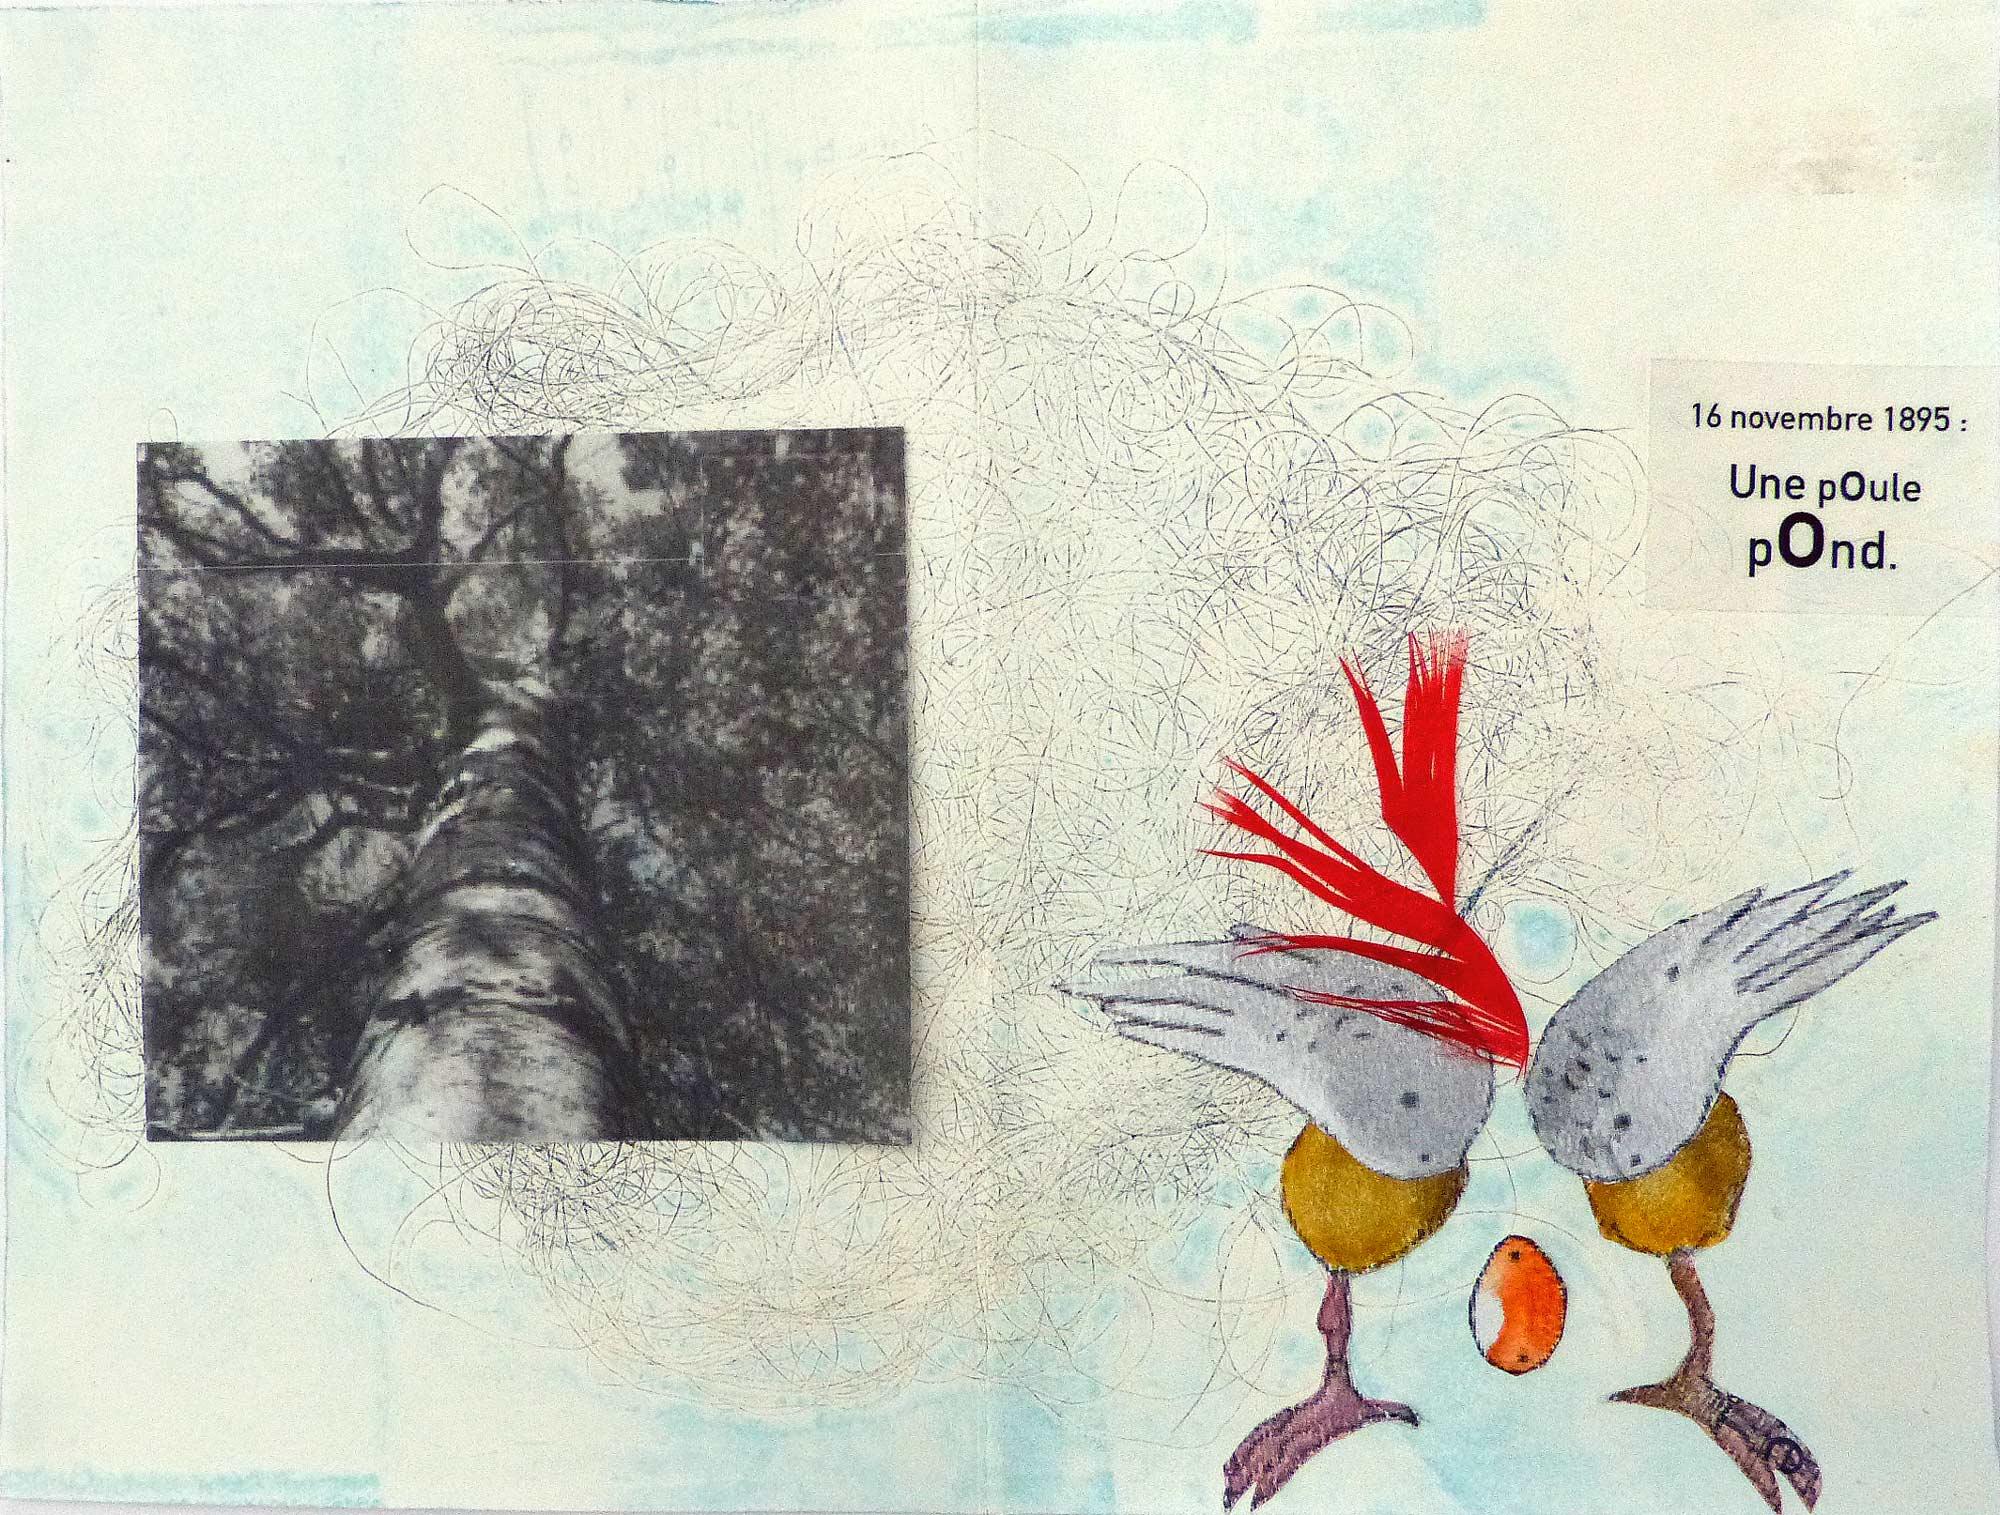 Monotype et collage d'une poule qui pond.